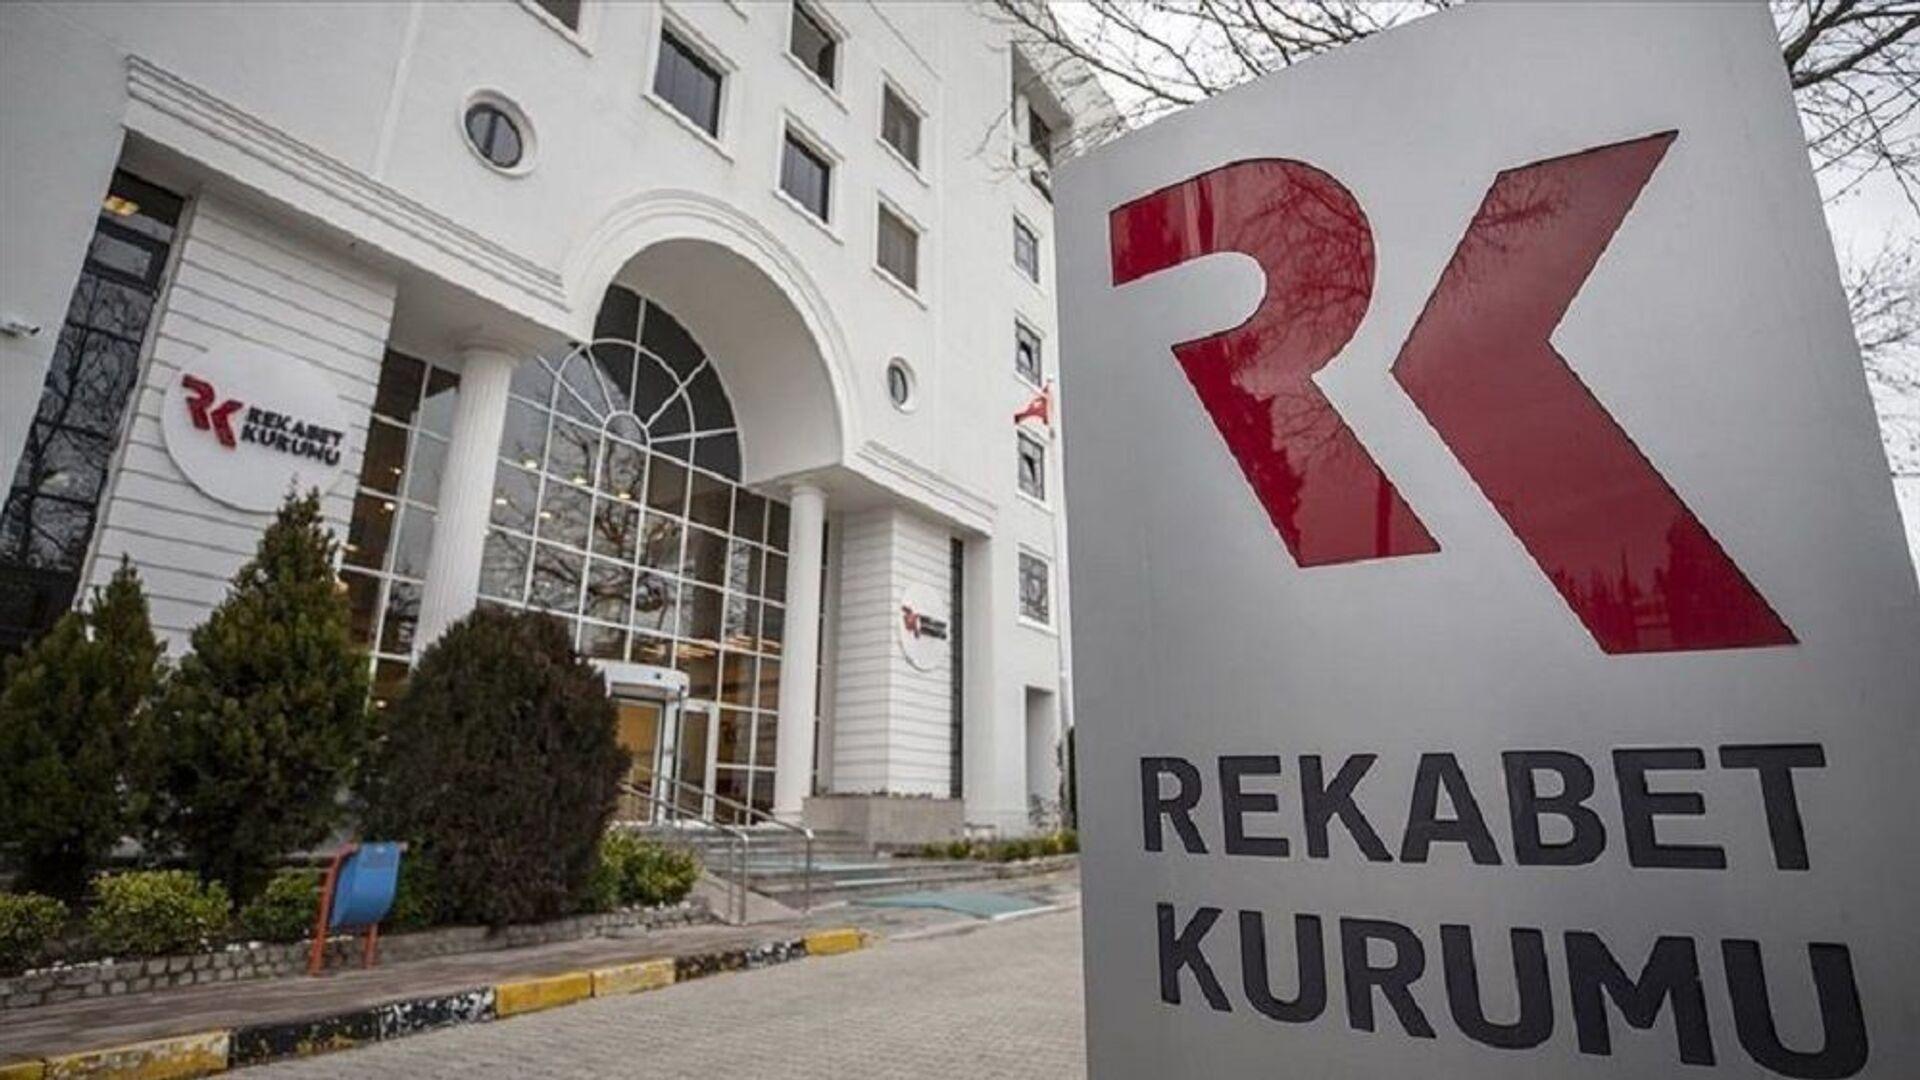 Rekabet Kurumu - Sputnik Türkiye, 1920, 27.09.2021